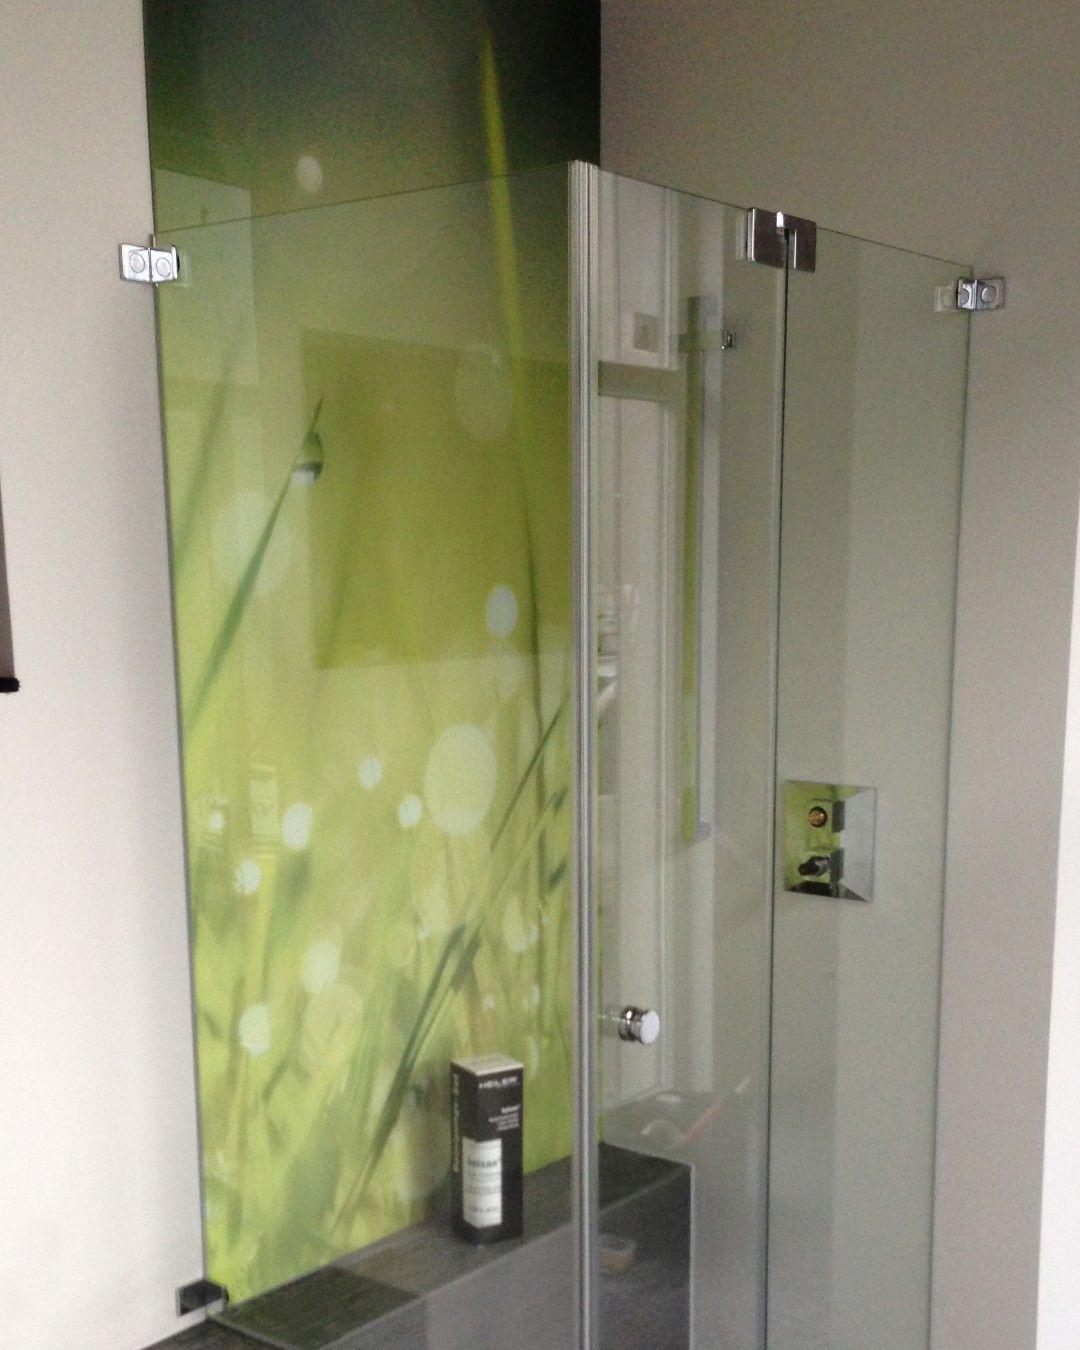 Oberflächenbündig Design Glasrückwand   Glaswand, Glasrückwand, Wand